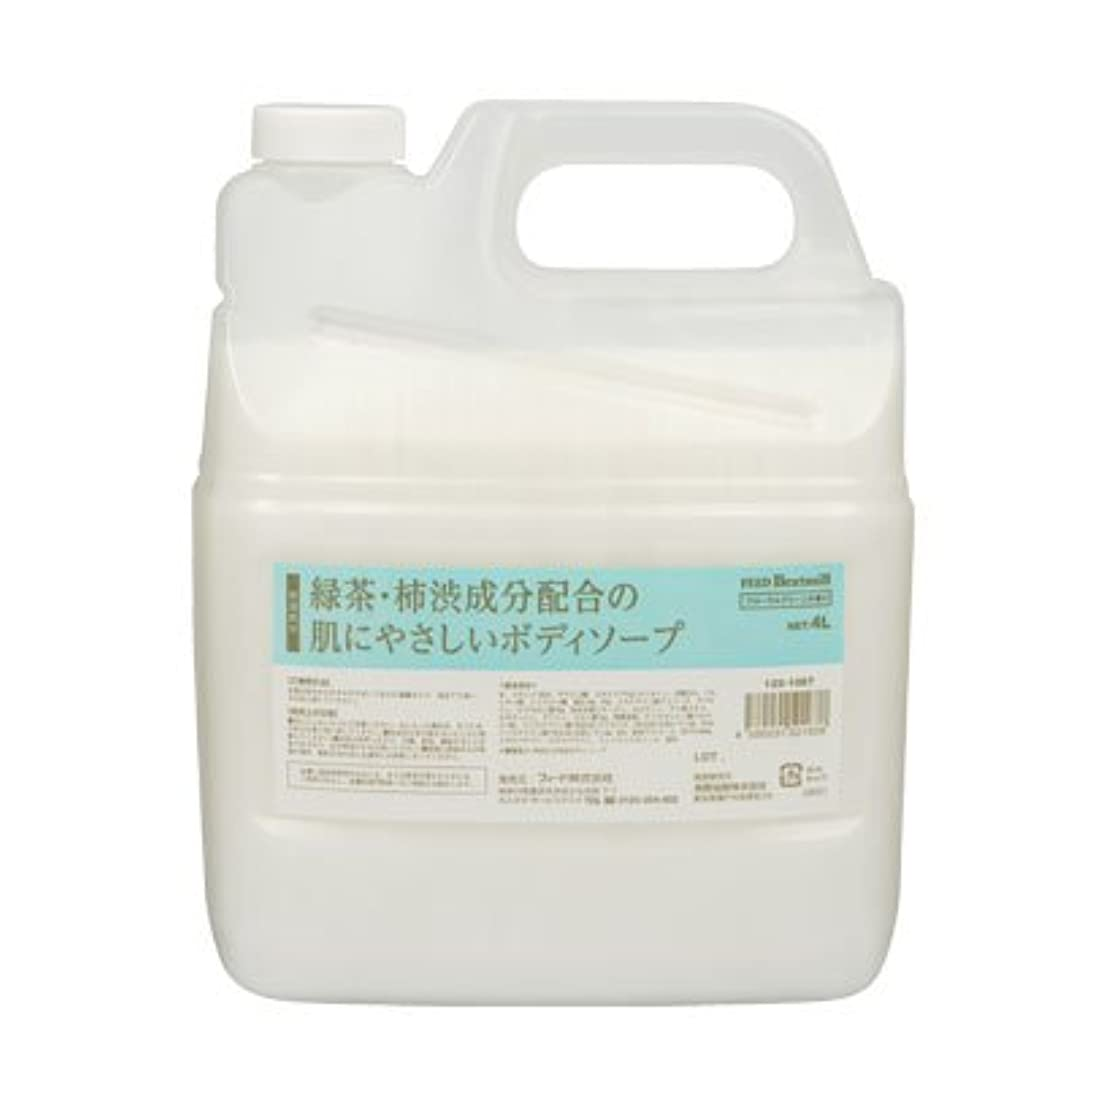 飢タイプそのような【業務用】 FEED(フィード) 緑茶?柿渋成分配合の肌にやさしいボディソープ/4L 石けん 入数 1本